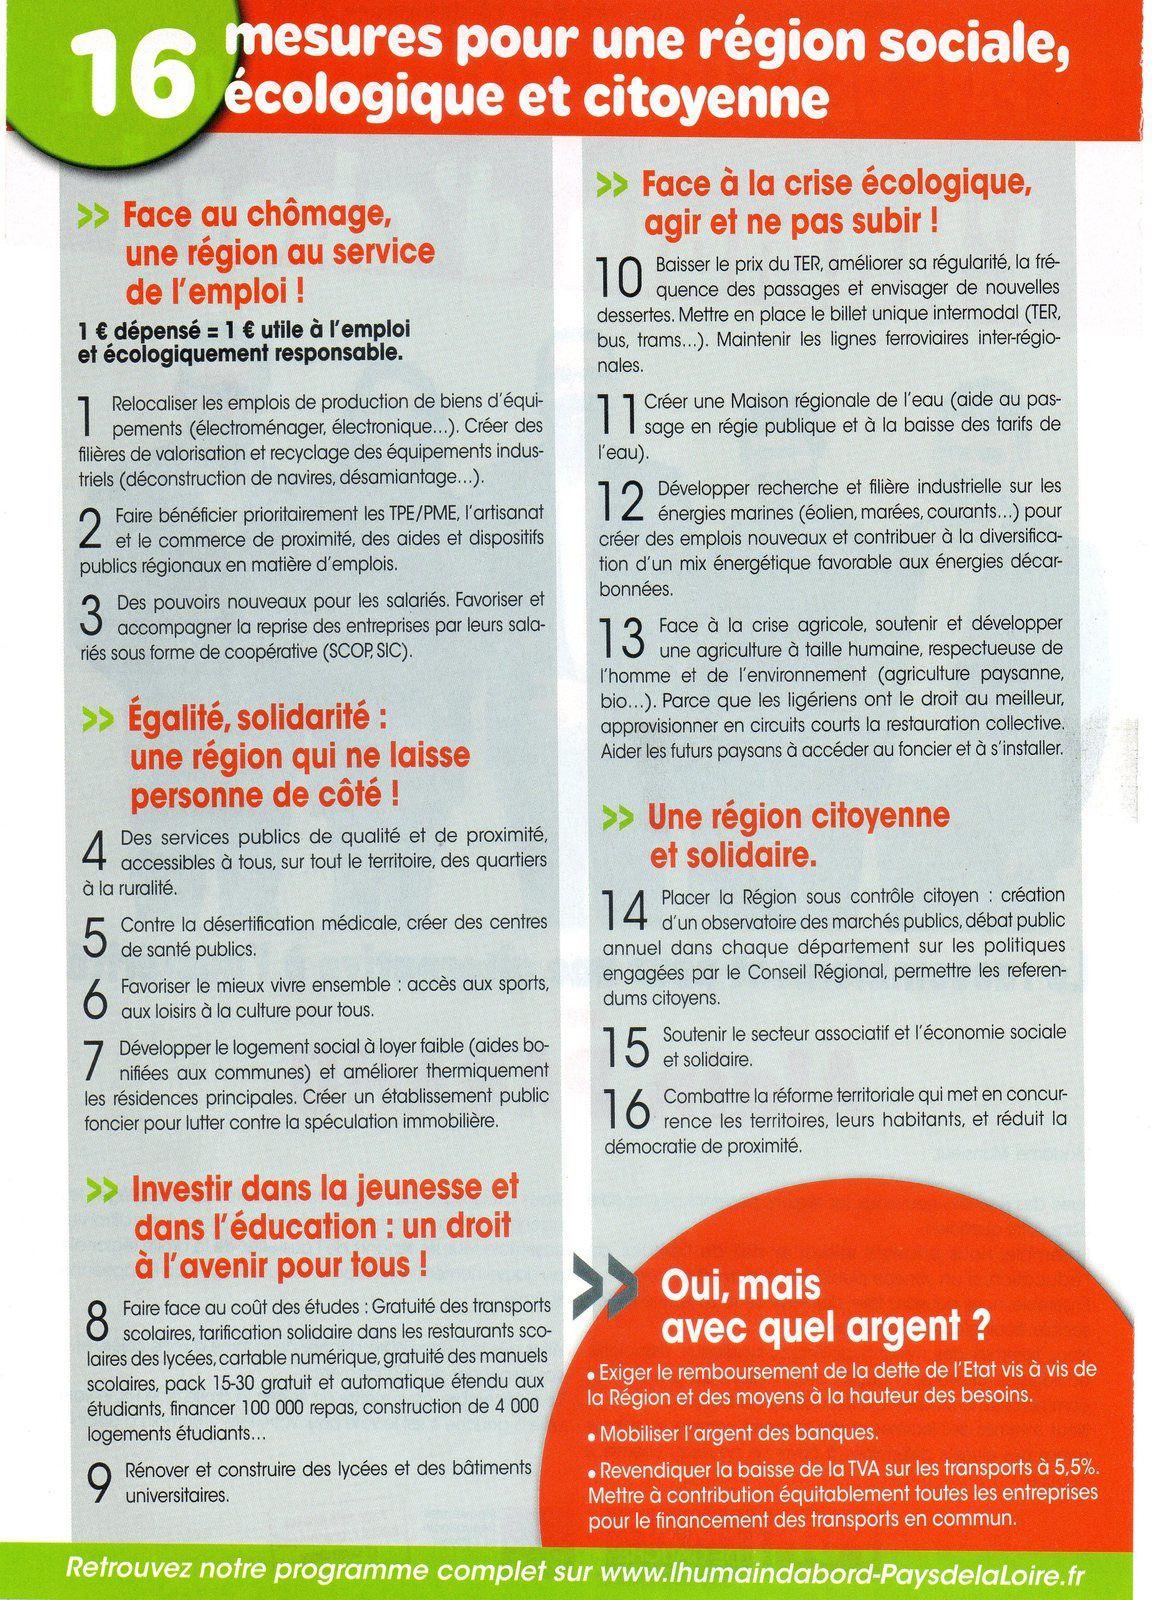 &quot&#x3B;L'Humain d'abord&quot&#x3B; Pays de la Loire : le rassemblement pour une alternative à l'austérité